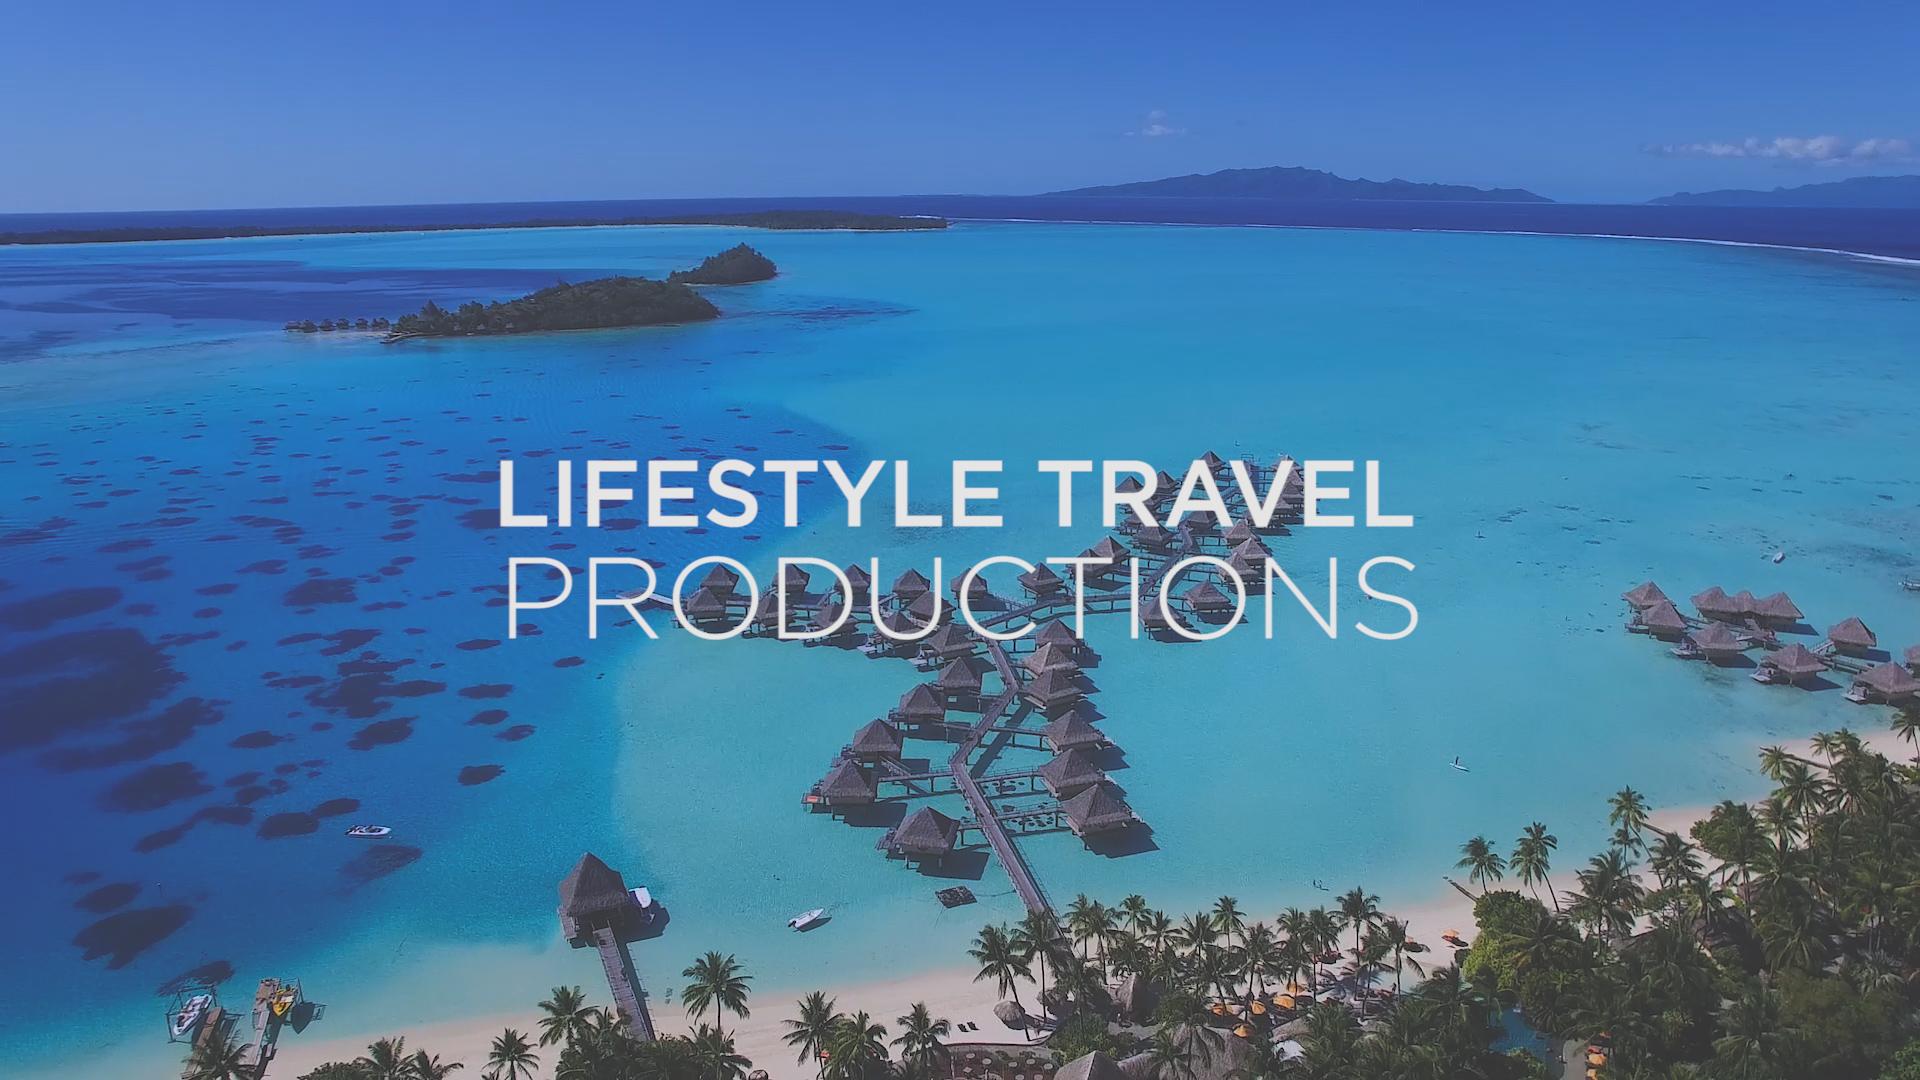 SEBUintl-TAHITI_2015-P3P-LIFESTYLE_TRAVEL_PRODUCTIONS-SEBU-001.jpg